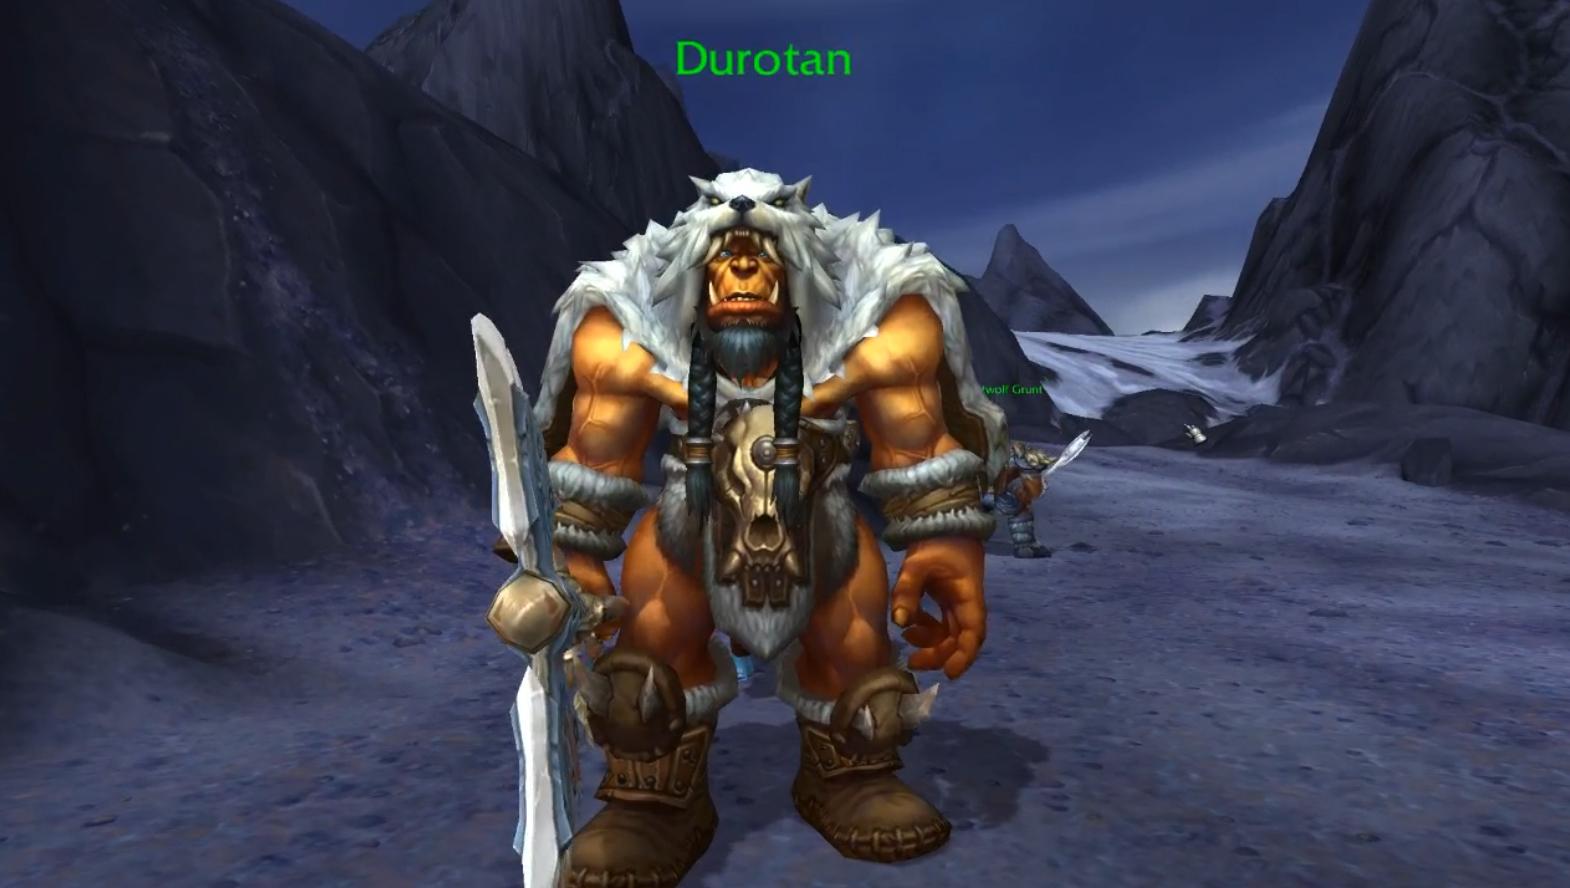 Оргрим и Дуротан появляются в дополнении Warlords of Draenor, но они там не ключевые герои. Да и сюжет дополнения происходит в «альтернативной истории»